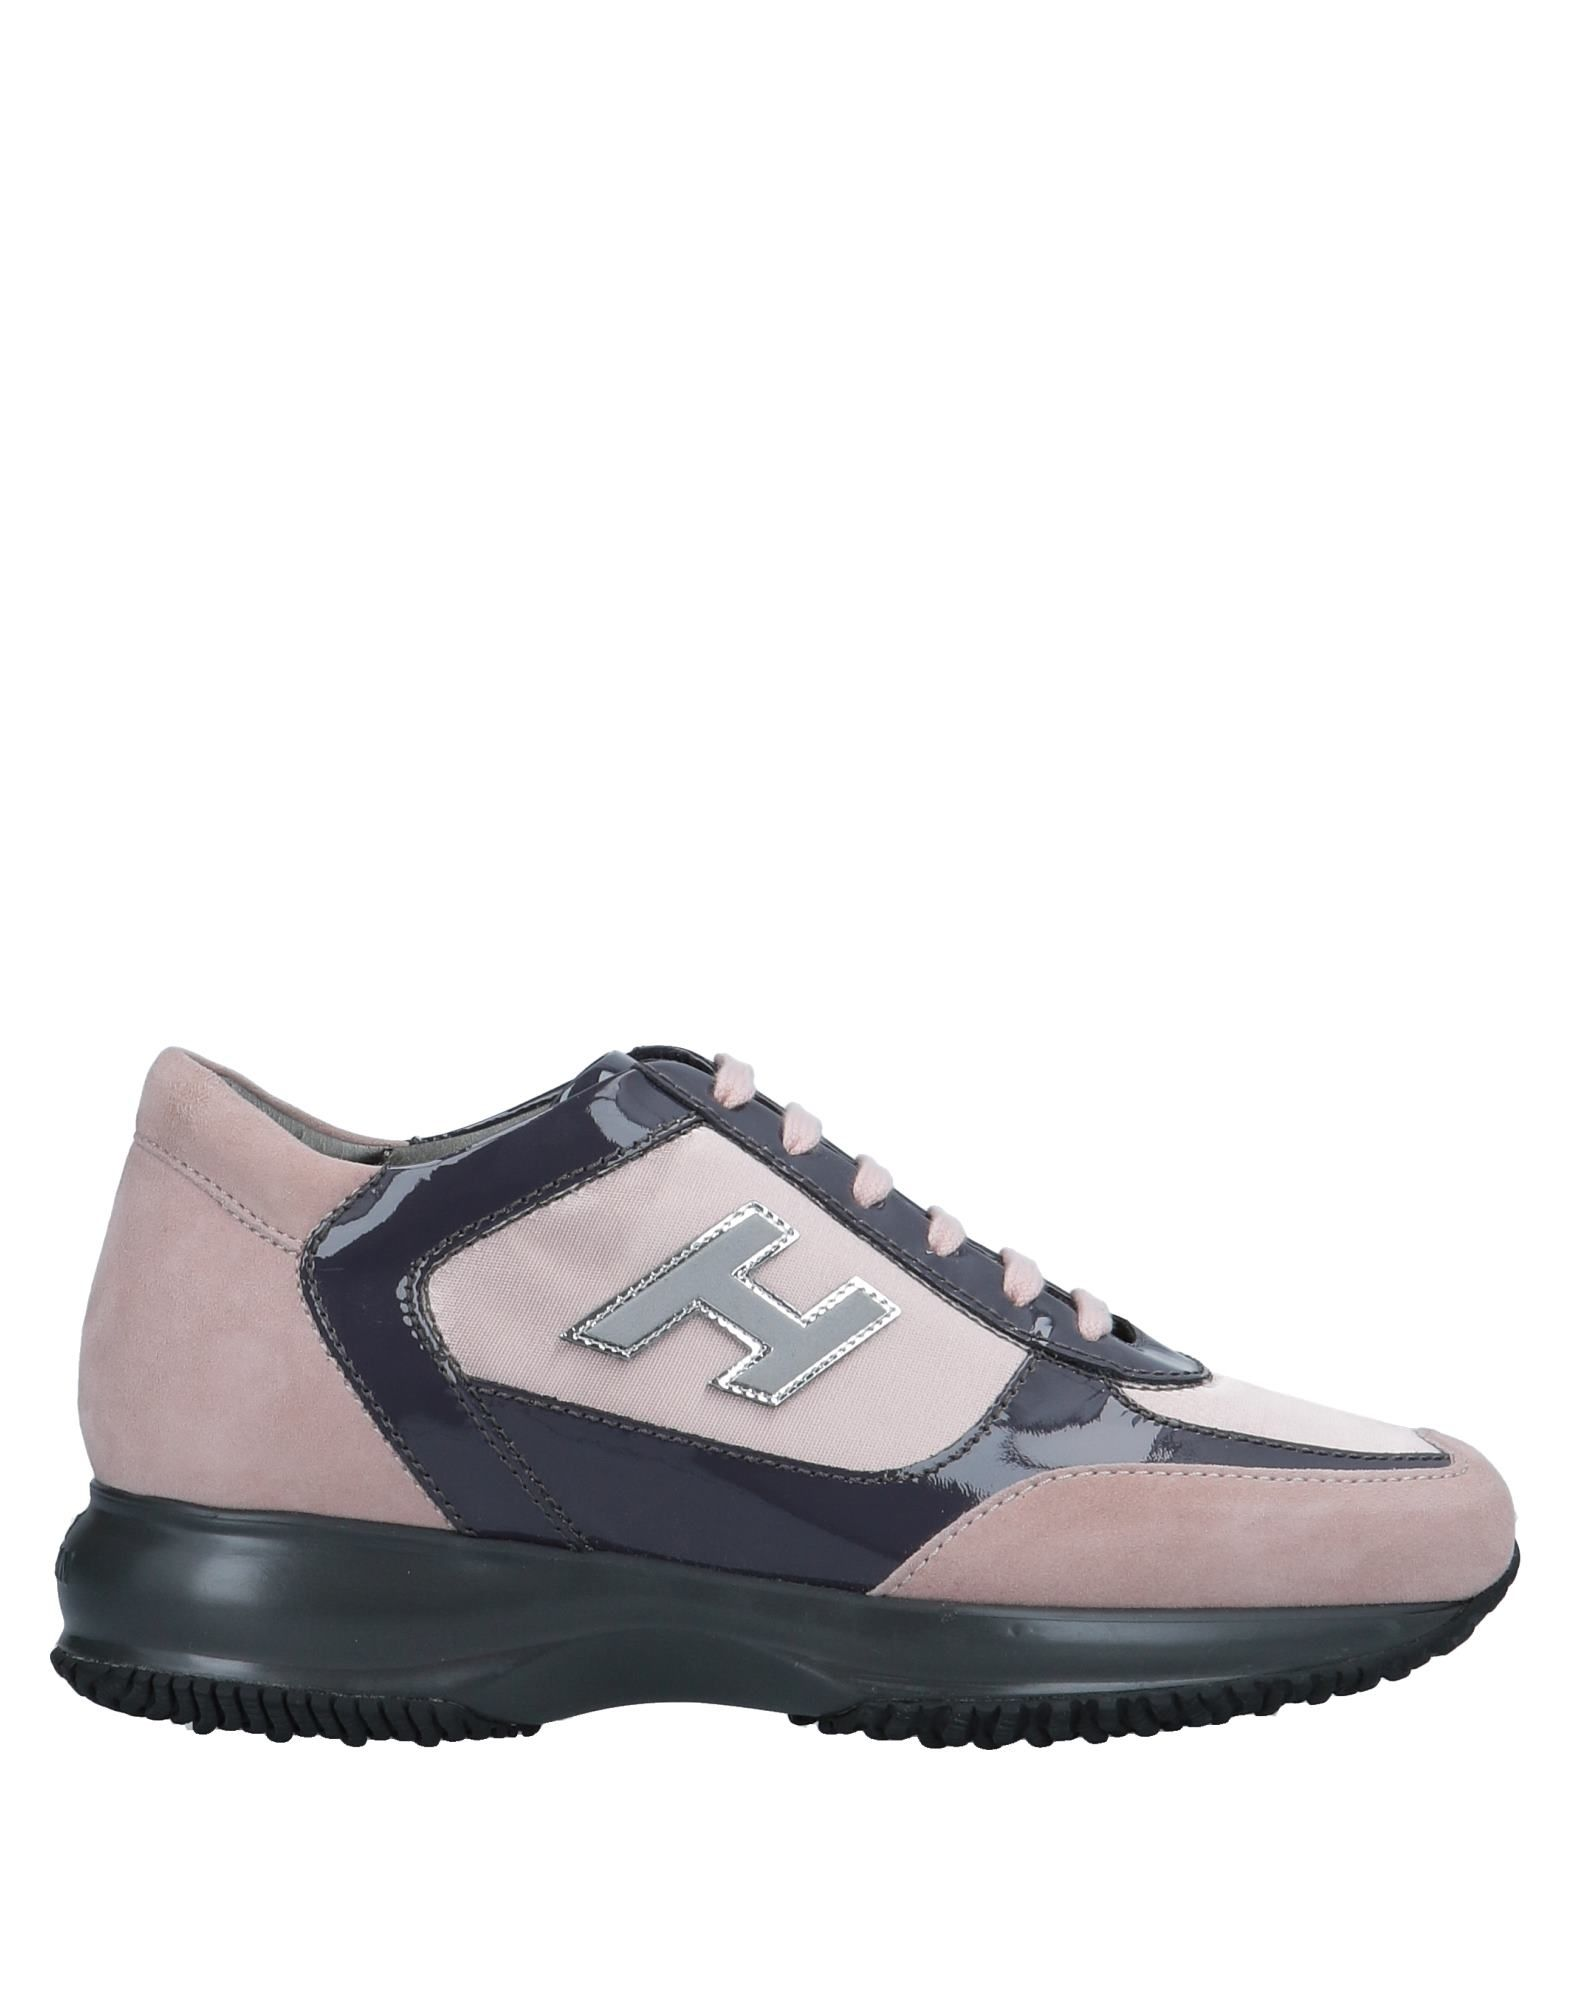 Hogan Sneakers - Women  Hogan Sneakers online on  Women United Kingdom - 11567849VJ 5d30a4